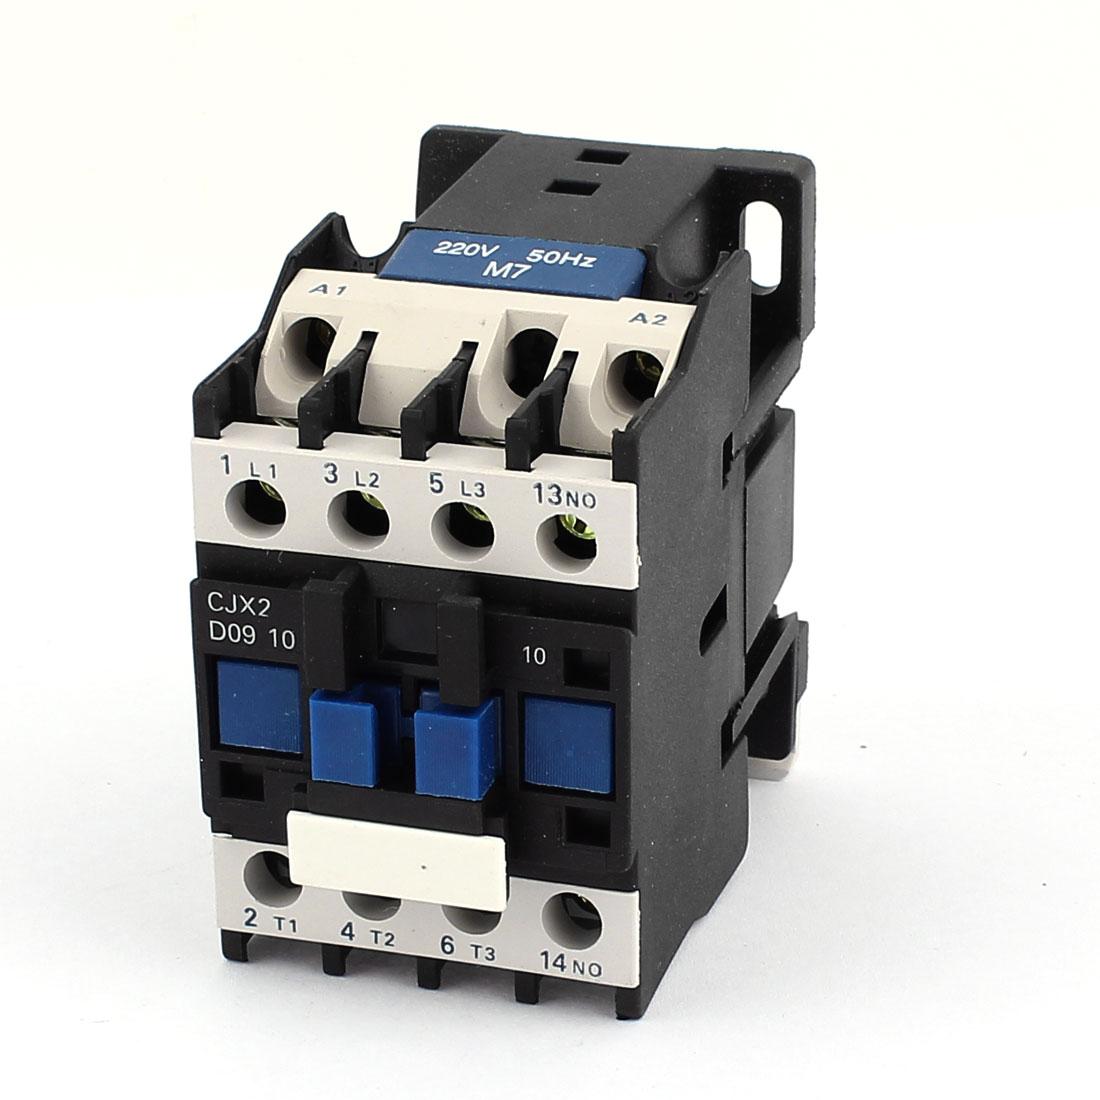 CJX2-0910 Motor Control 220V 9A 50/60Hz Coil 3 Pole 1NO AC Contactor